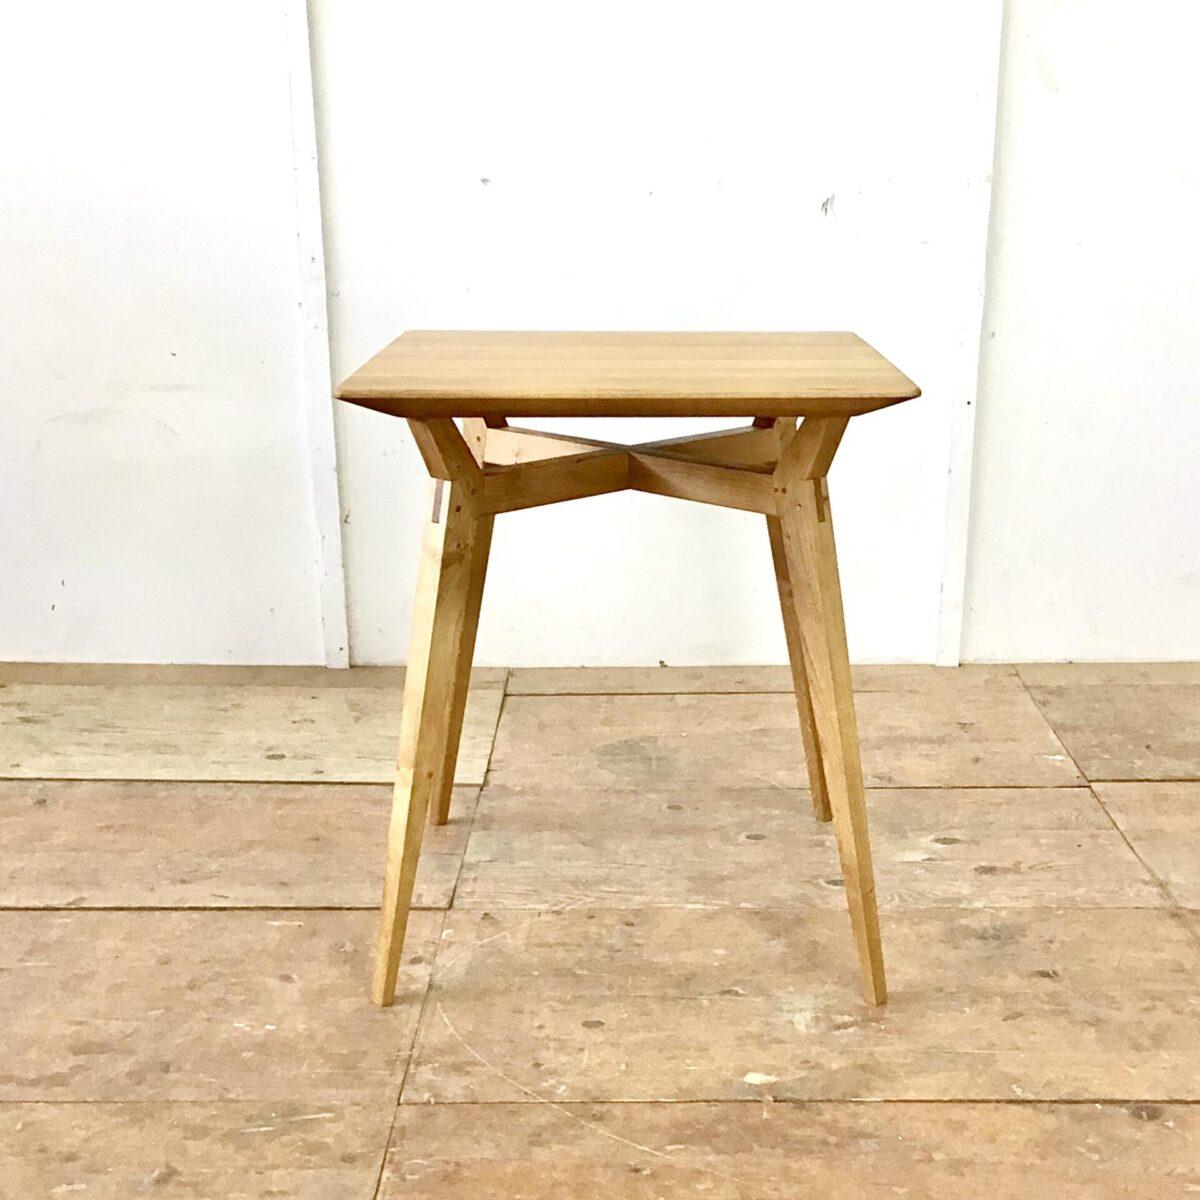 Deuxieme.shop Kleiner Pausen Tisch 66 mal 66cm Höhe 75cm. Eiche Massivholz mit Insekten artigen Tischgestell. Kreuzzargen überblattet, freiliegend unter dem Tischblatt. Tischbeine und Zargen sind mit Schlitz und Zapfen verbunden. Zusätzlich mit Messing Stiften verzapft. Dieser Tisch ist aus Eichen Holz entstanden das nicht länger war als 66cm. Die aufwändigen Holzverbindungen sind grösstenteils von handgefertigt. Der Tisch ist mit Naturöl behandelt.